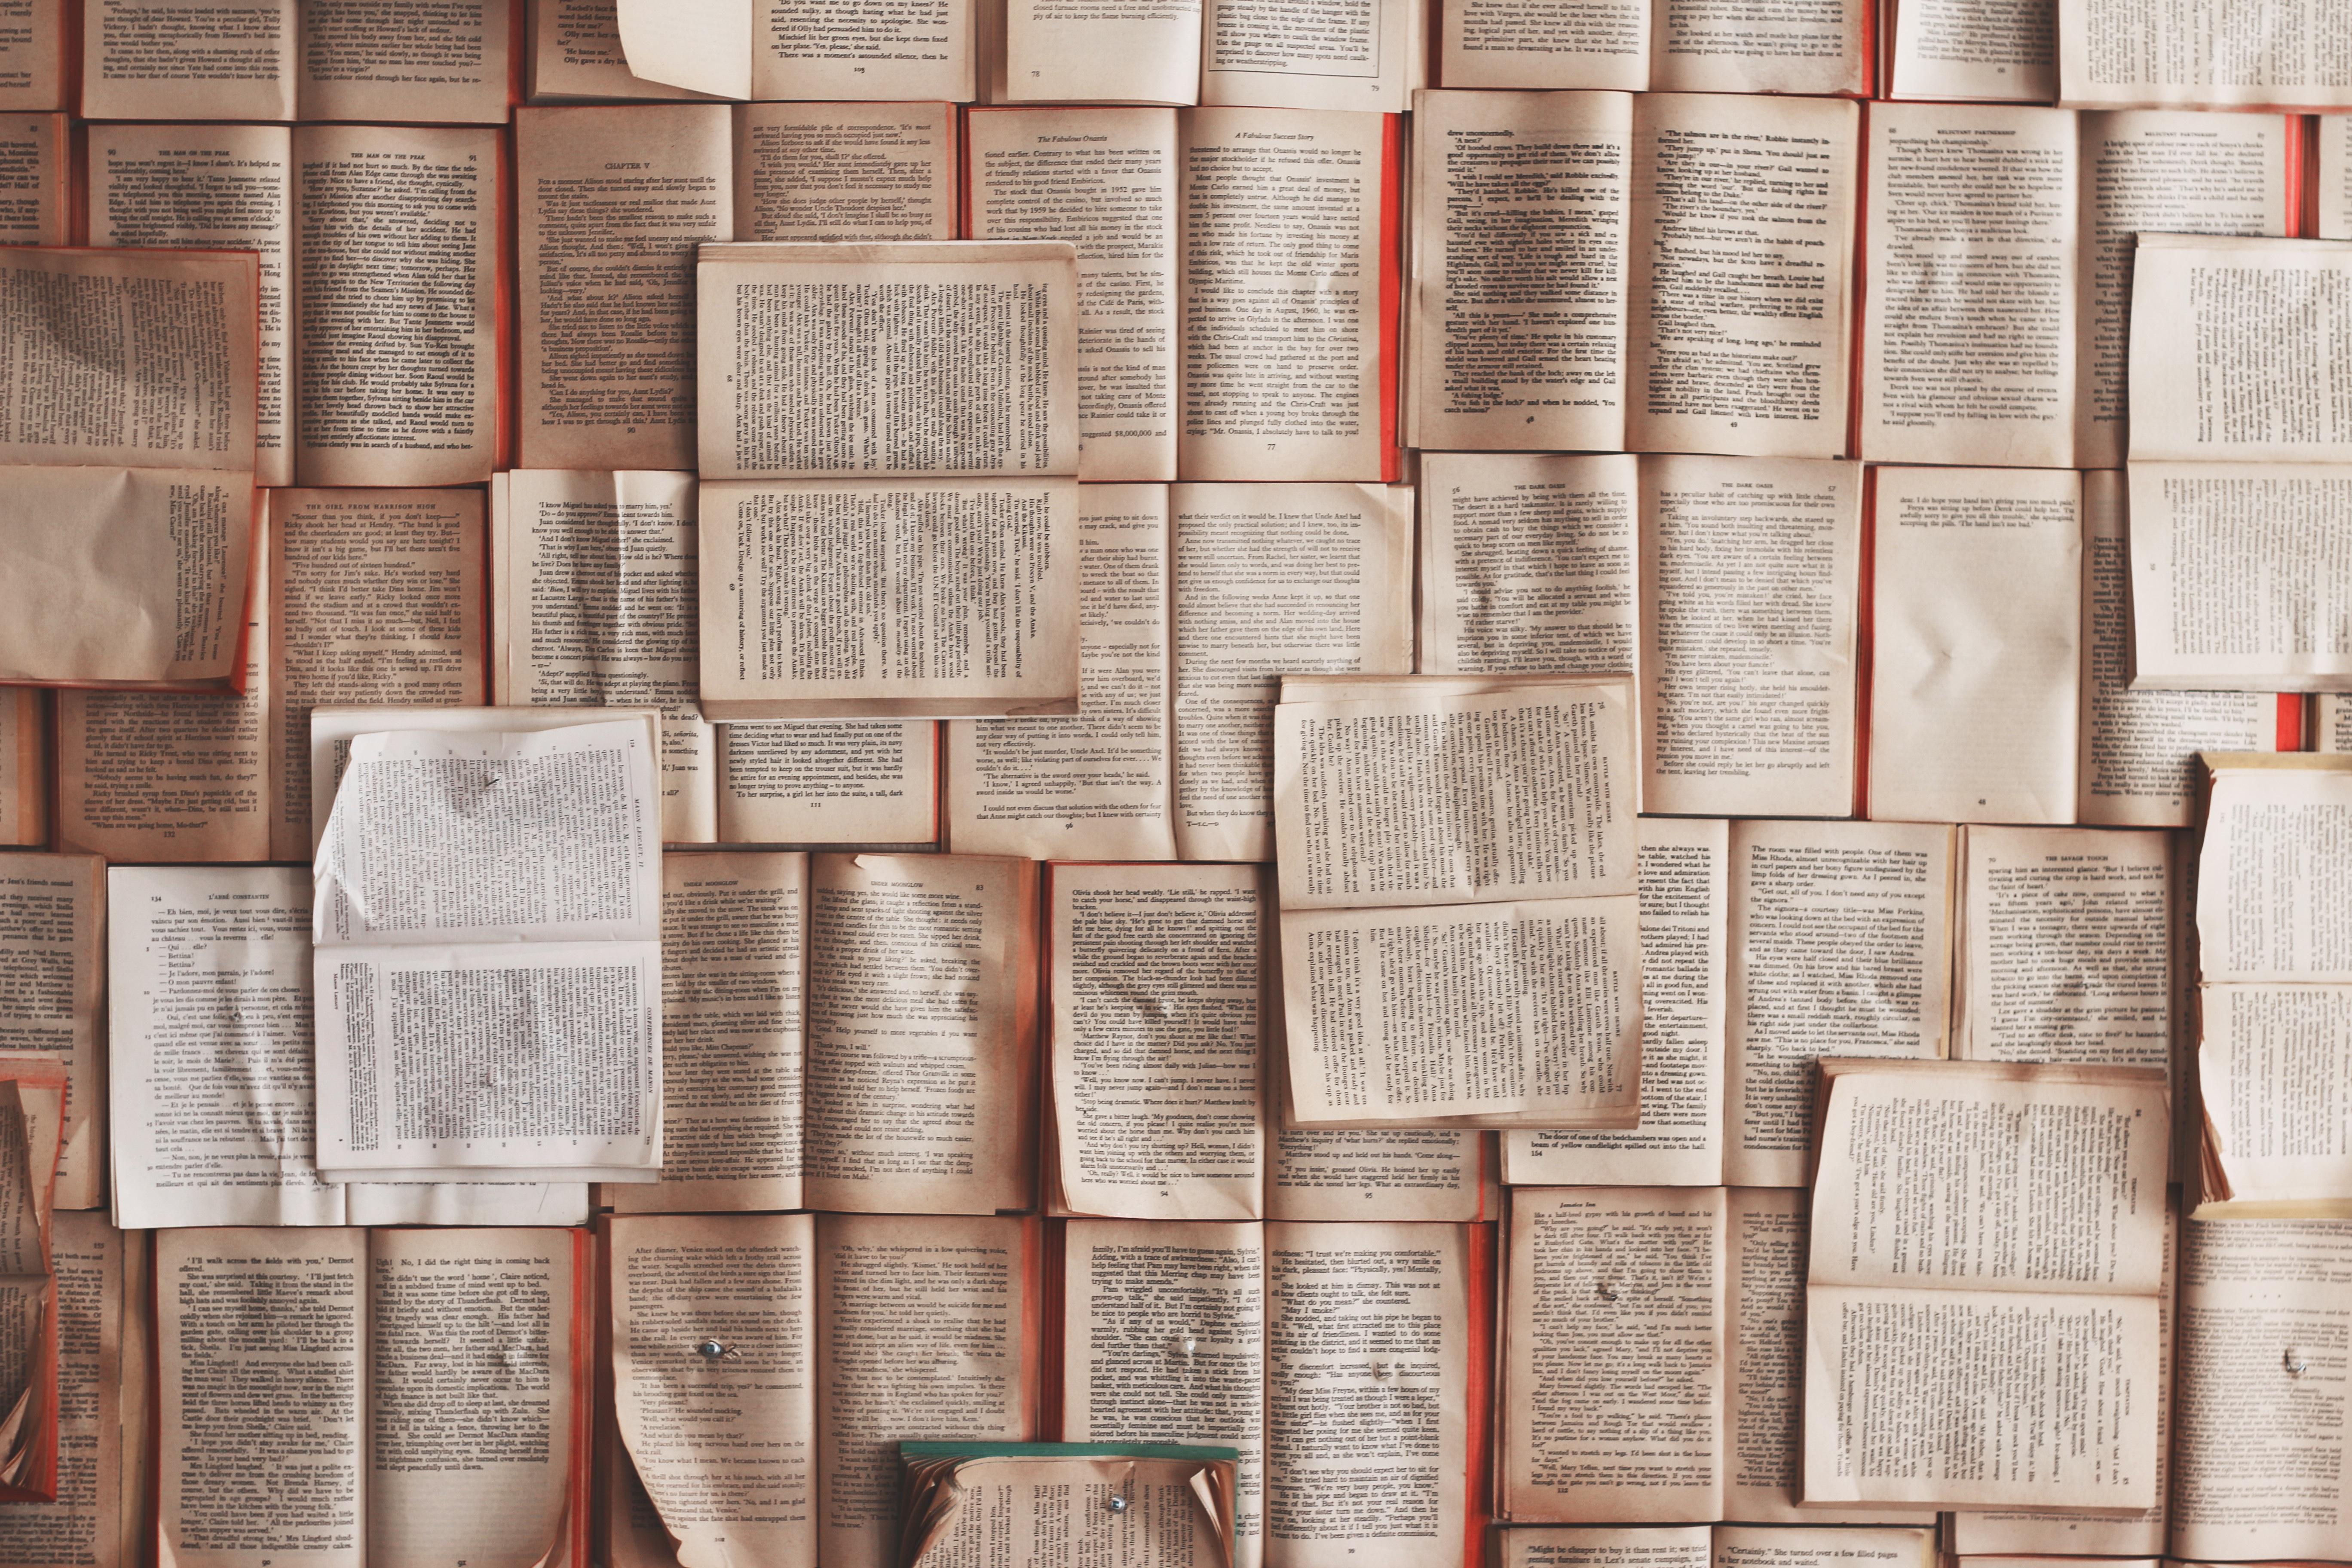 comment organiser et classer ses papiers ? - coorganiz blog